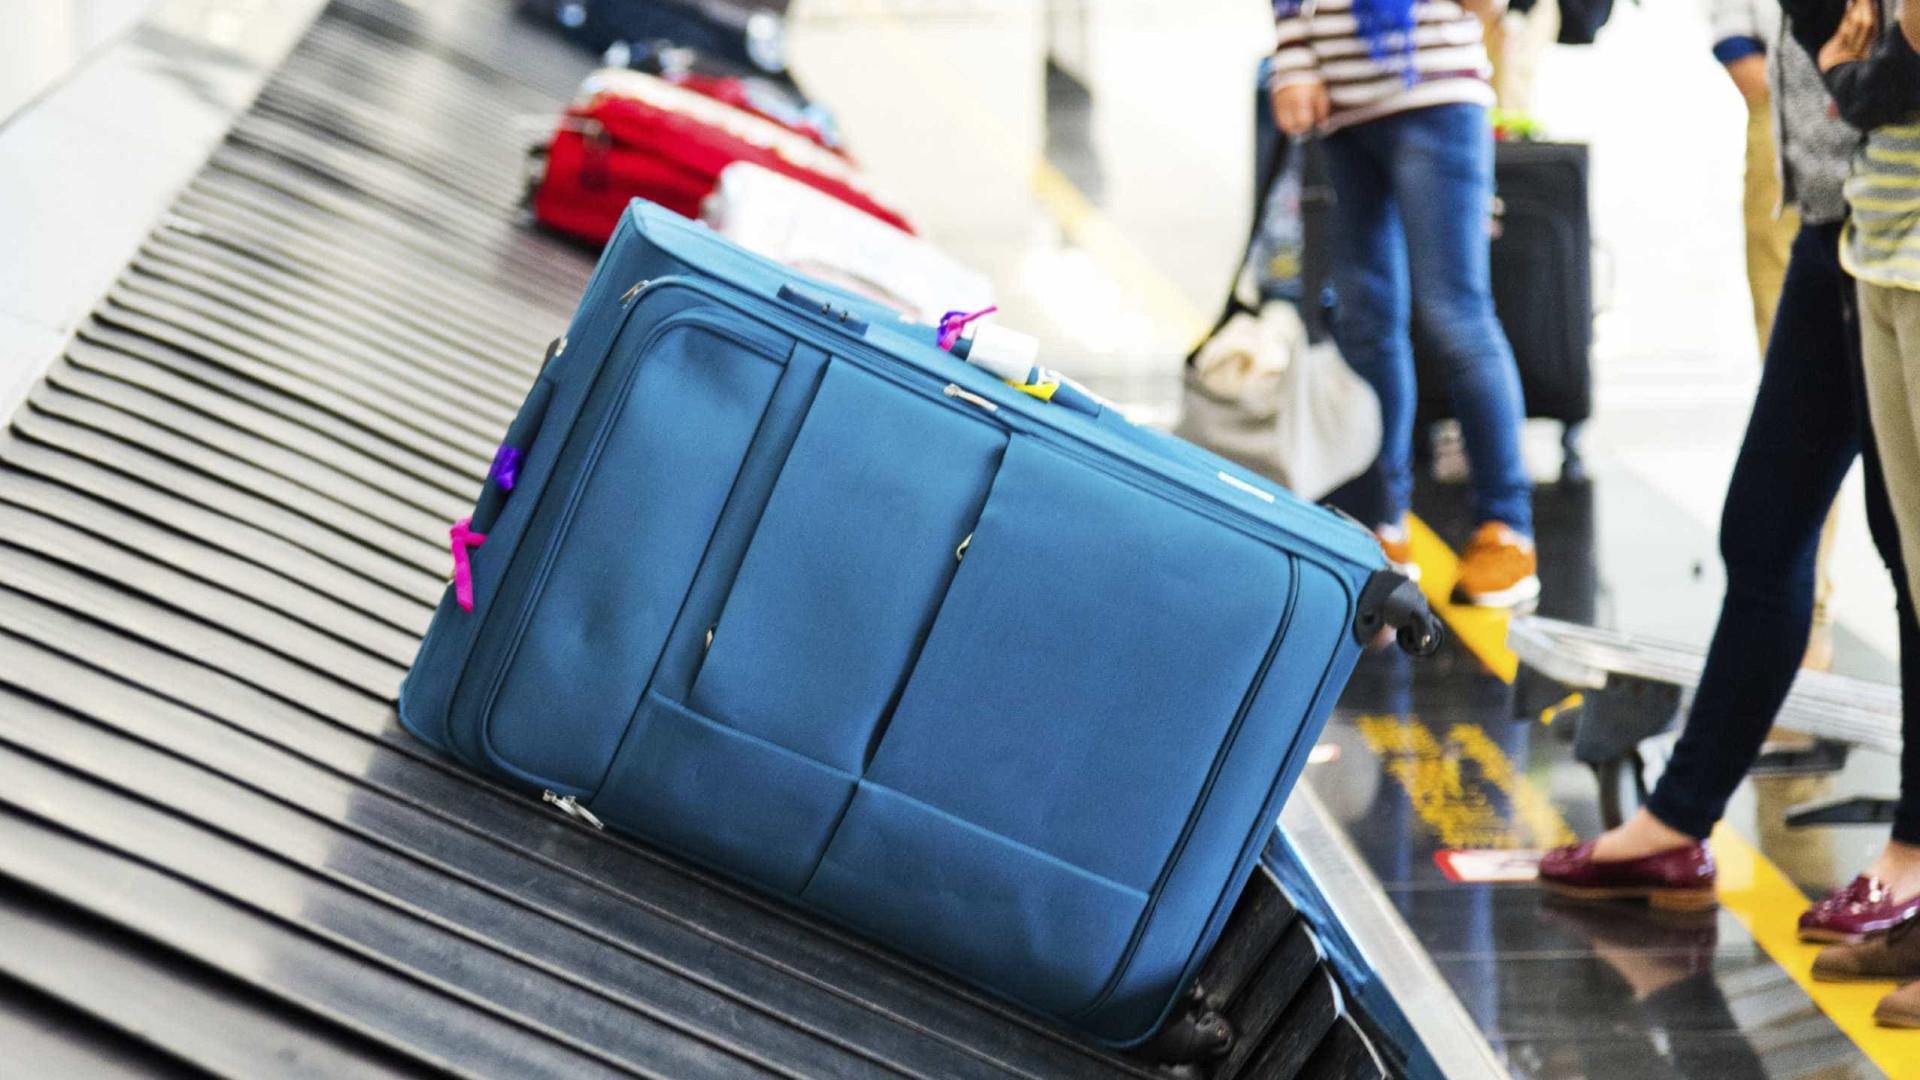 Vai viajar com a easyJet? Esta app diz-lhe se leva a bagagem adequada